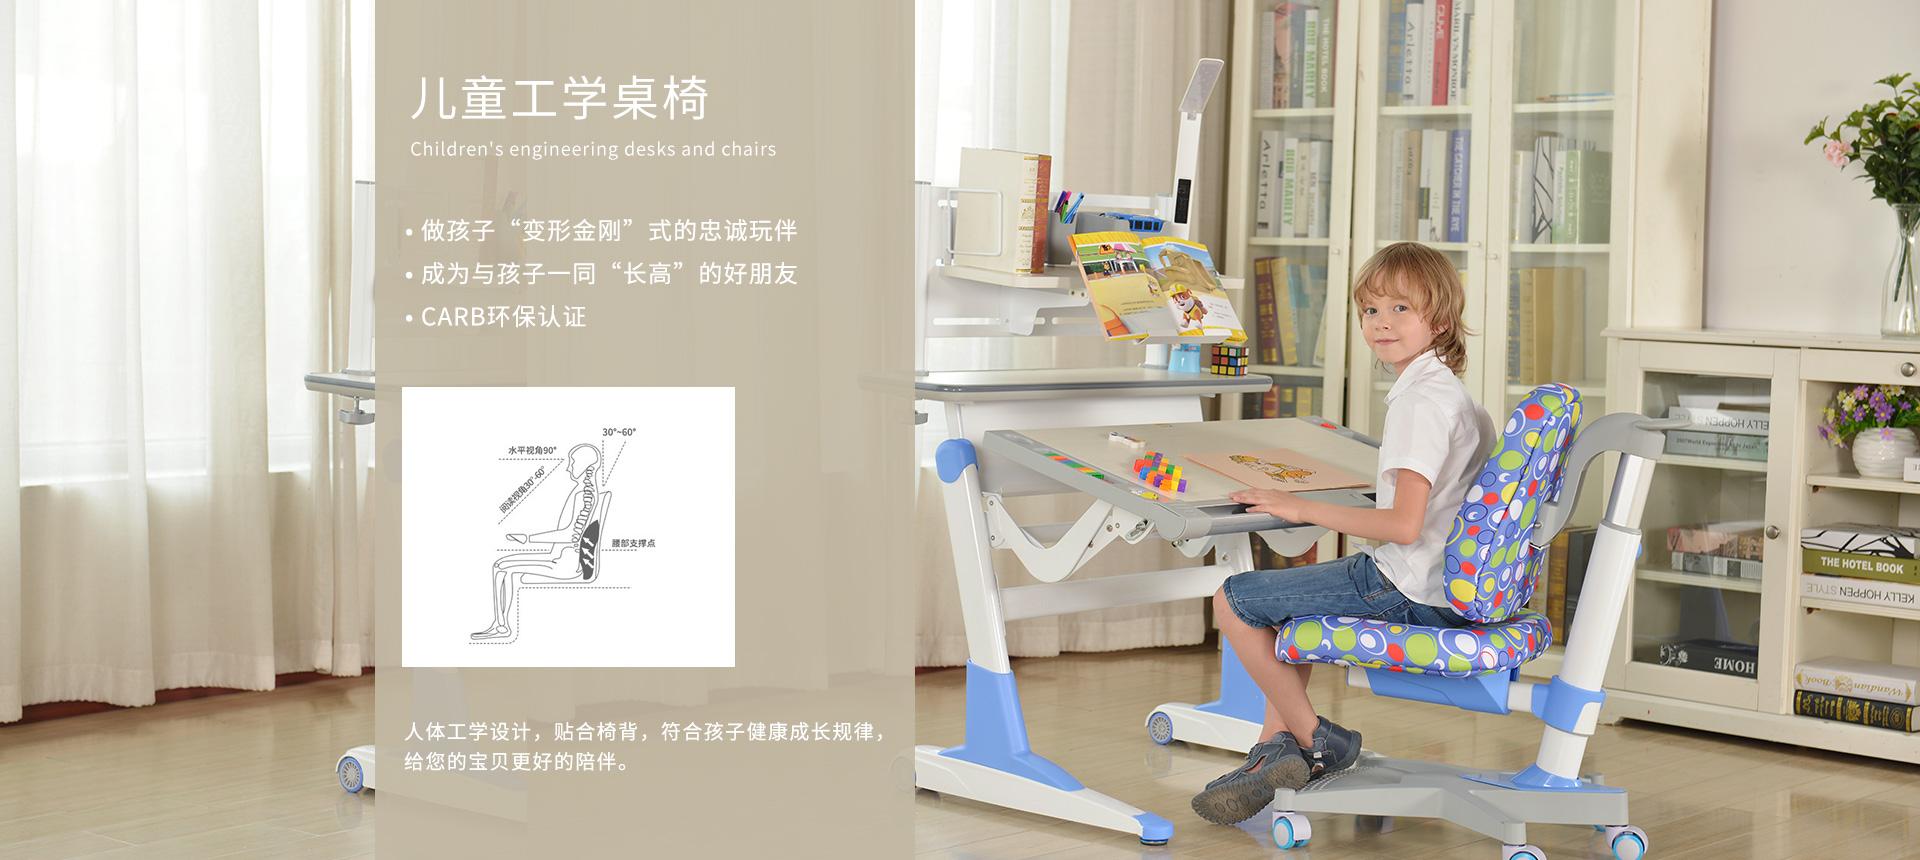 兒童工學桌椅